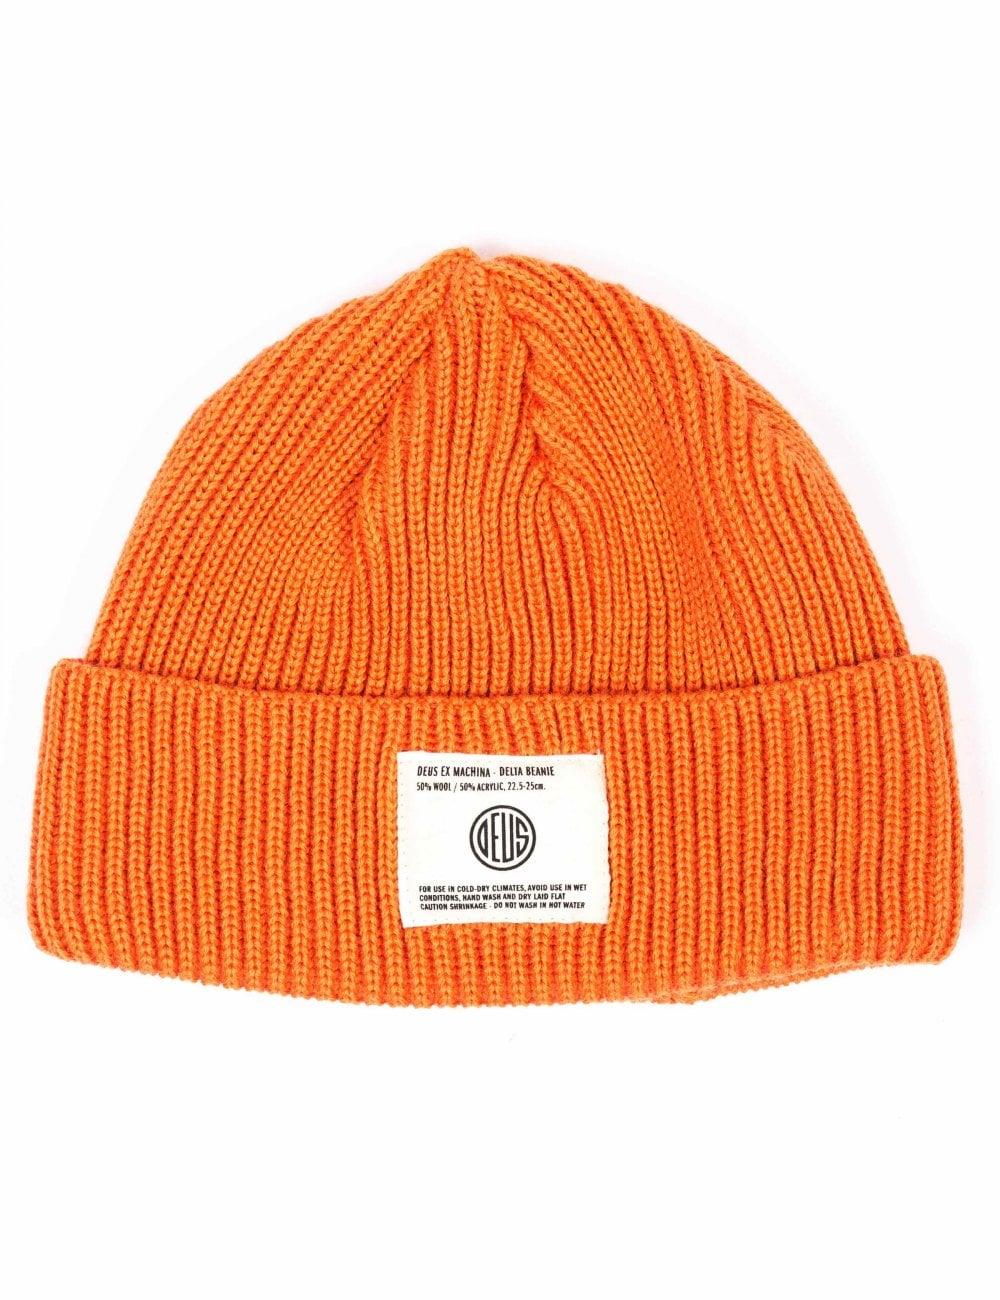 46d4a9d1699 Deus Ex Machina Delta Beanie Hat - Orange - Accessories from Fat ...